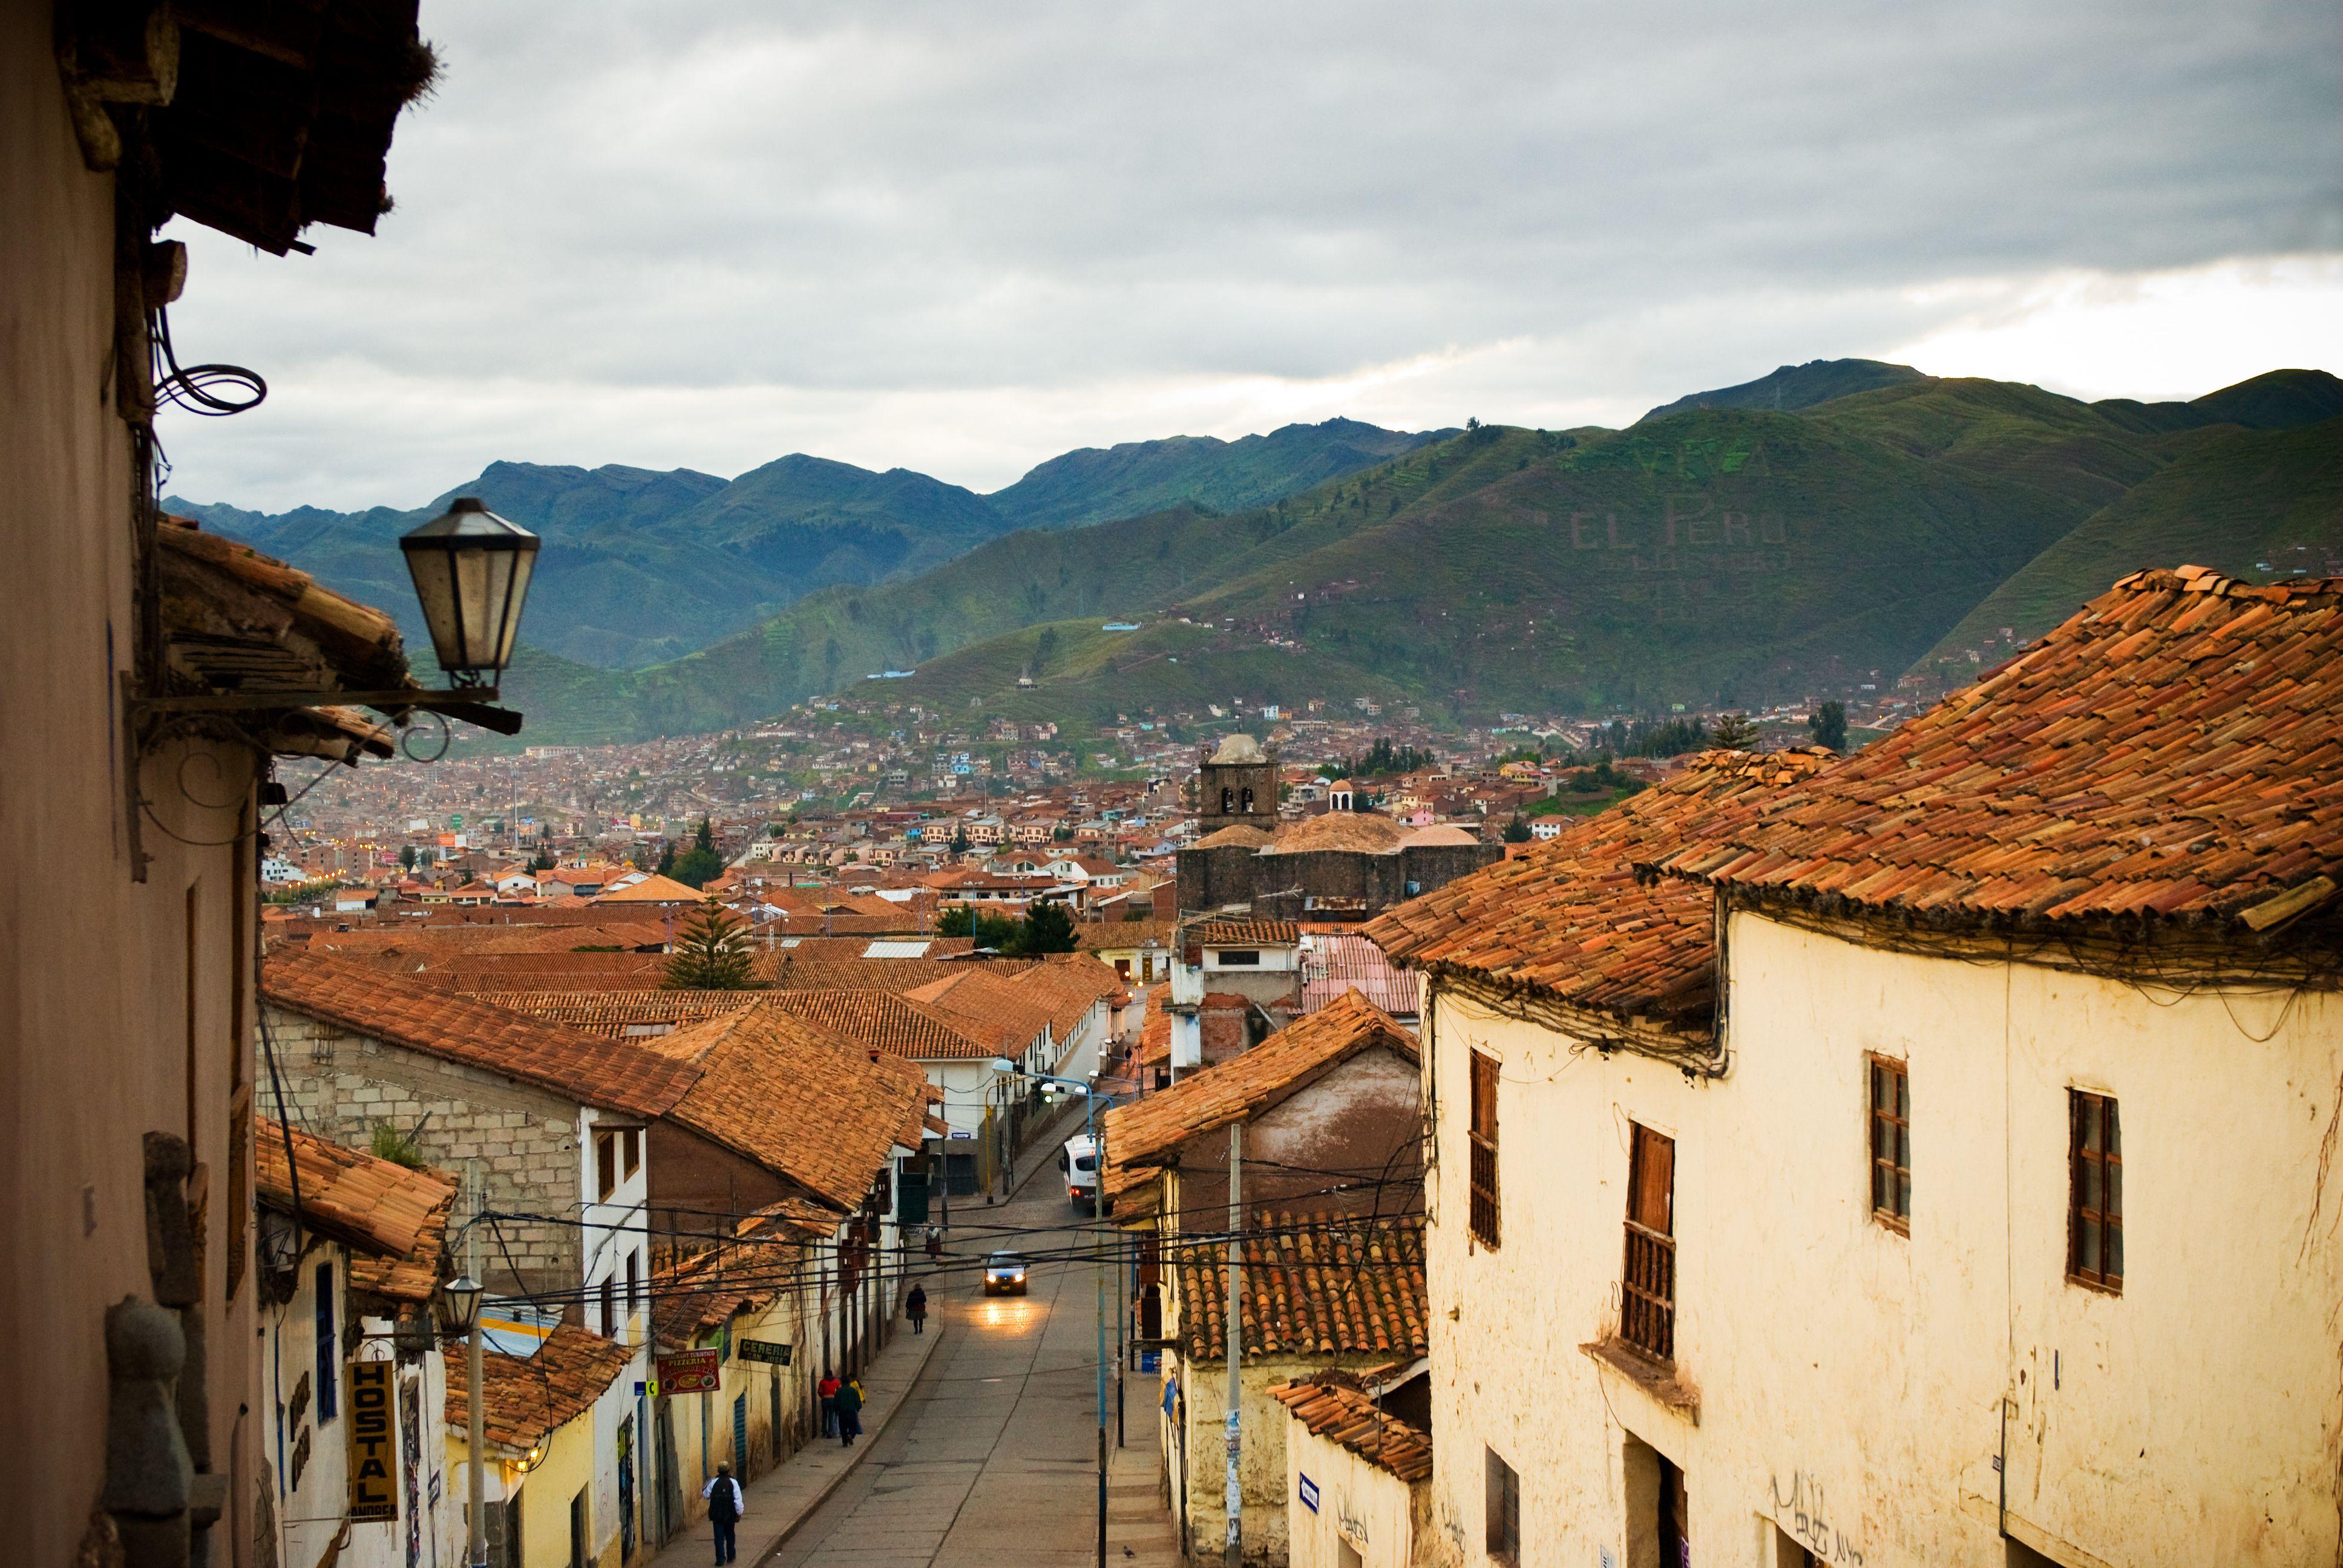 The cityscape of Cusco in Peru